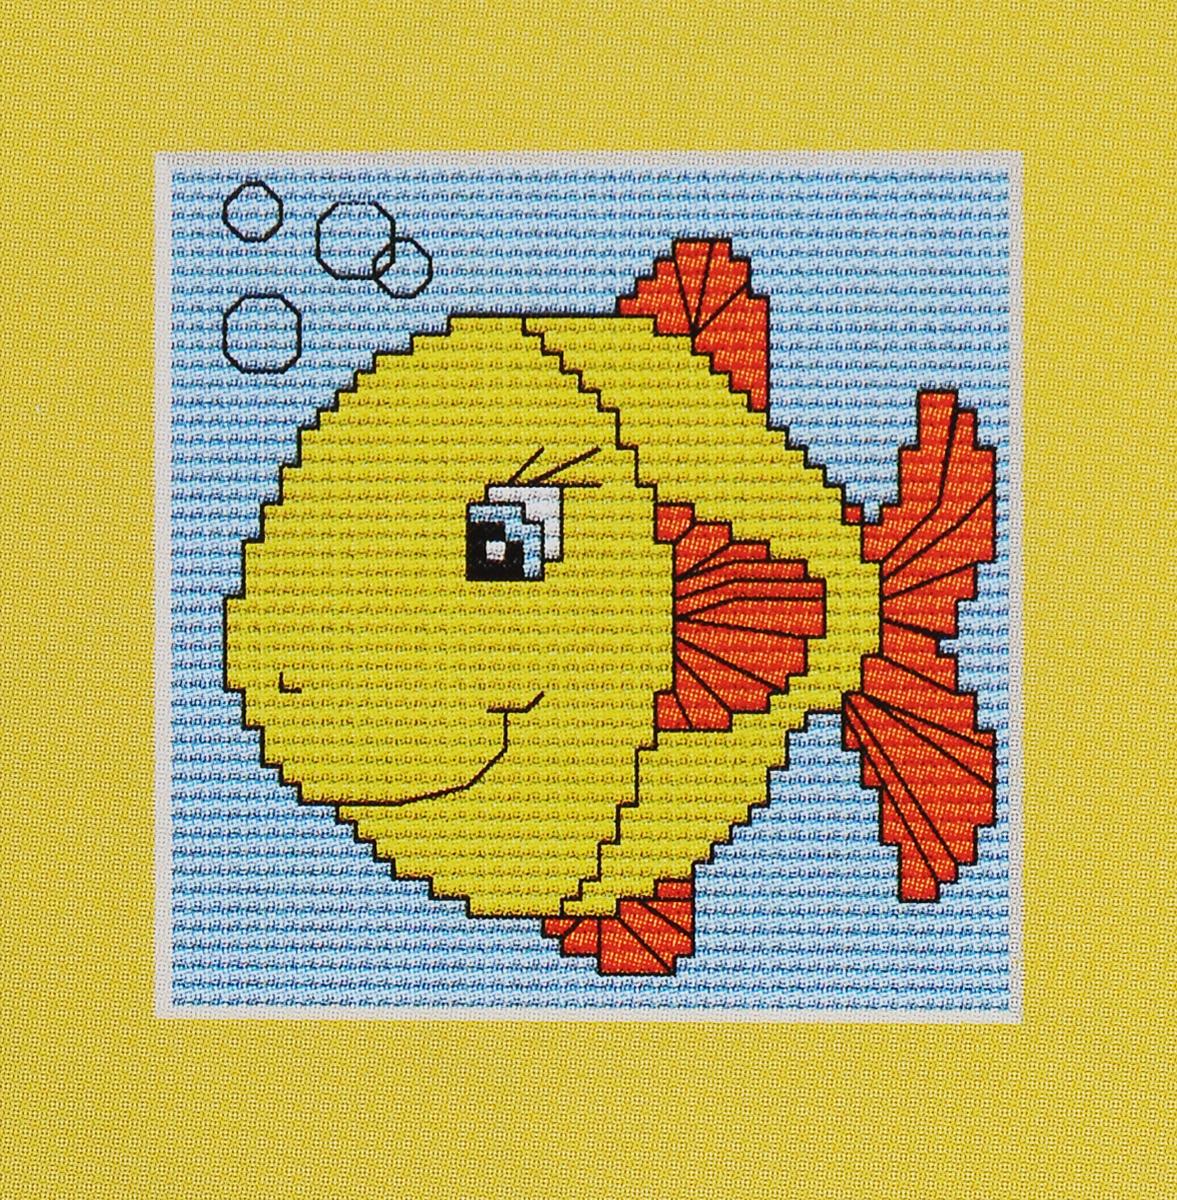 Набор для вышивания крестом Luca-S Желтая рыбка, 8 х 8 смB080Набор для вышивания крестом Luca-S Желтая рыбка поможет вам создать свой личный шедевр - красивую картину, вышитую нитками мулине в технике счетный крест. Работа, выполненная своими руками, станет отличным подарком для друзей и близких! В набор входит: - белая канва Aida Zweigart 14 (хлопок) без рисунка размером 8 х 8 см, - мулине Anchor 5 цветов, - игла, - цветная схема для вышивания.